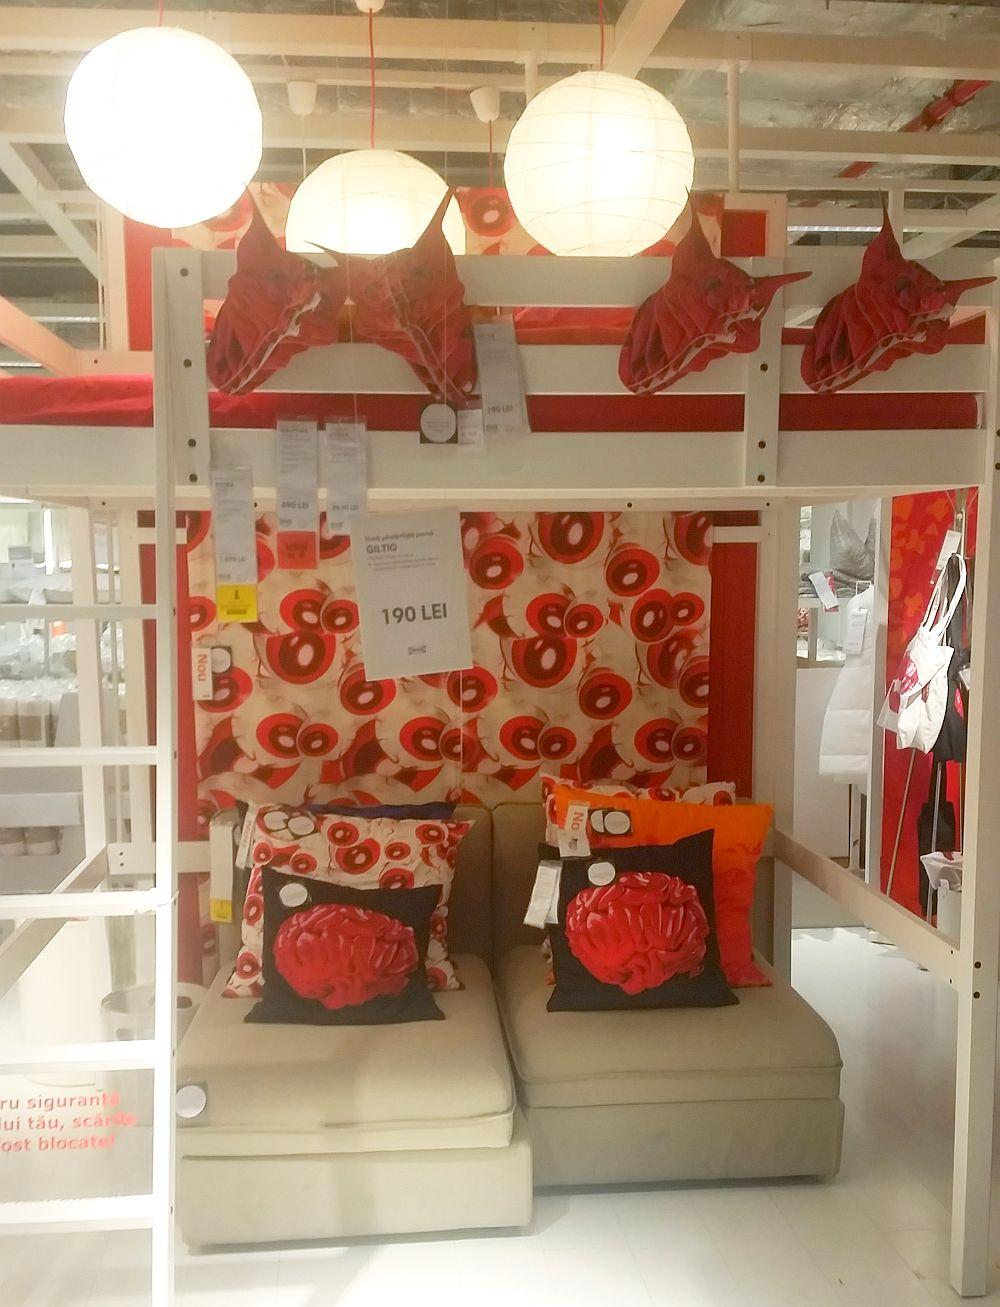 adelaparvu.com despre colectii limitate Ikea 2016, colectia Giltig (1)